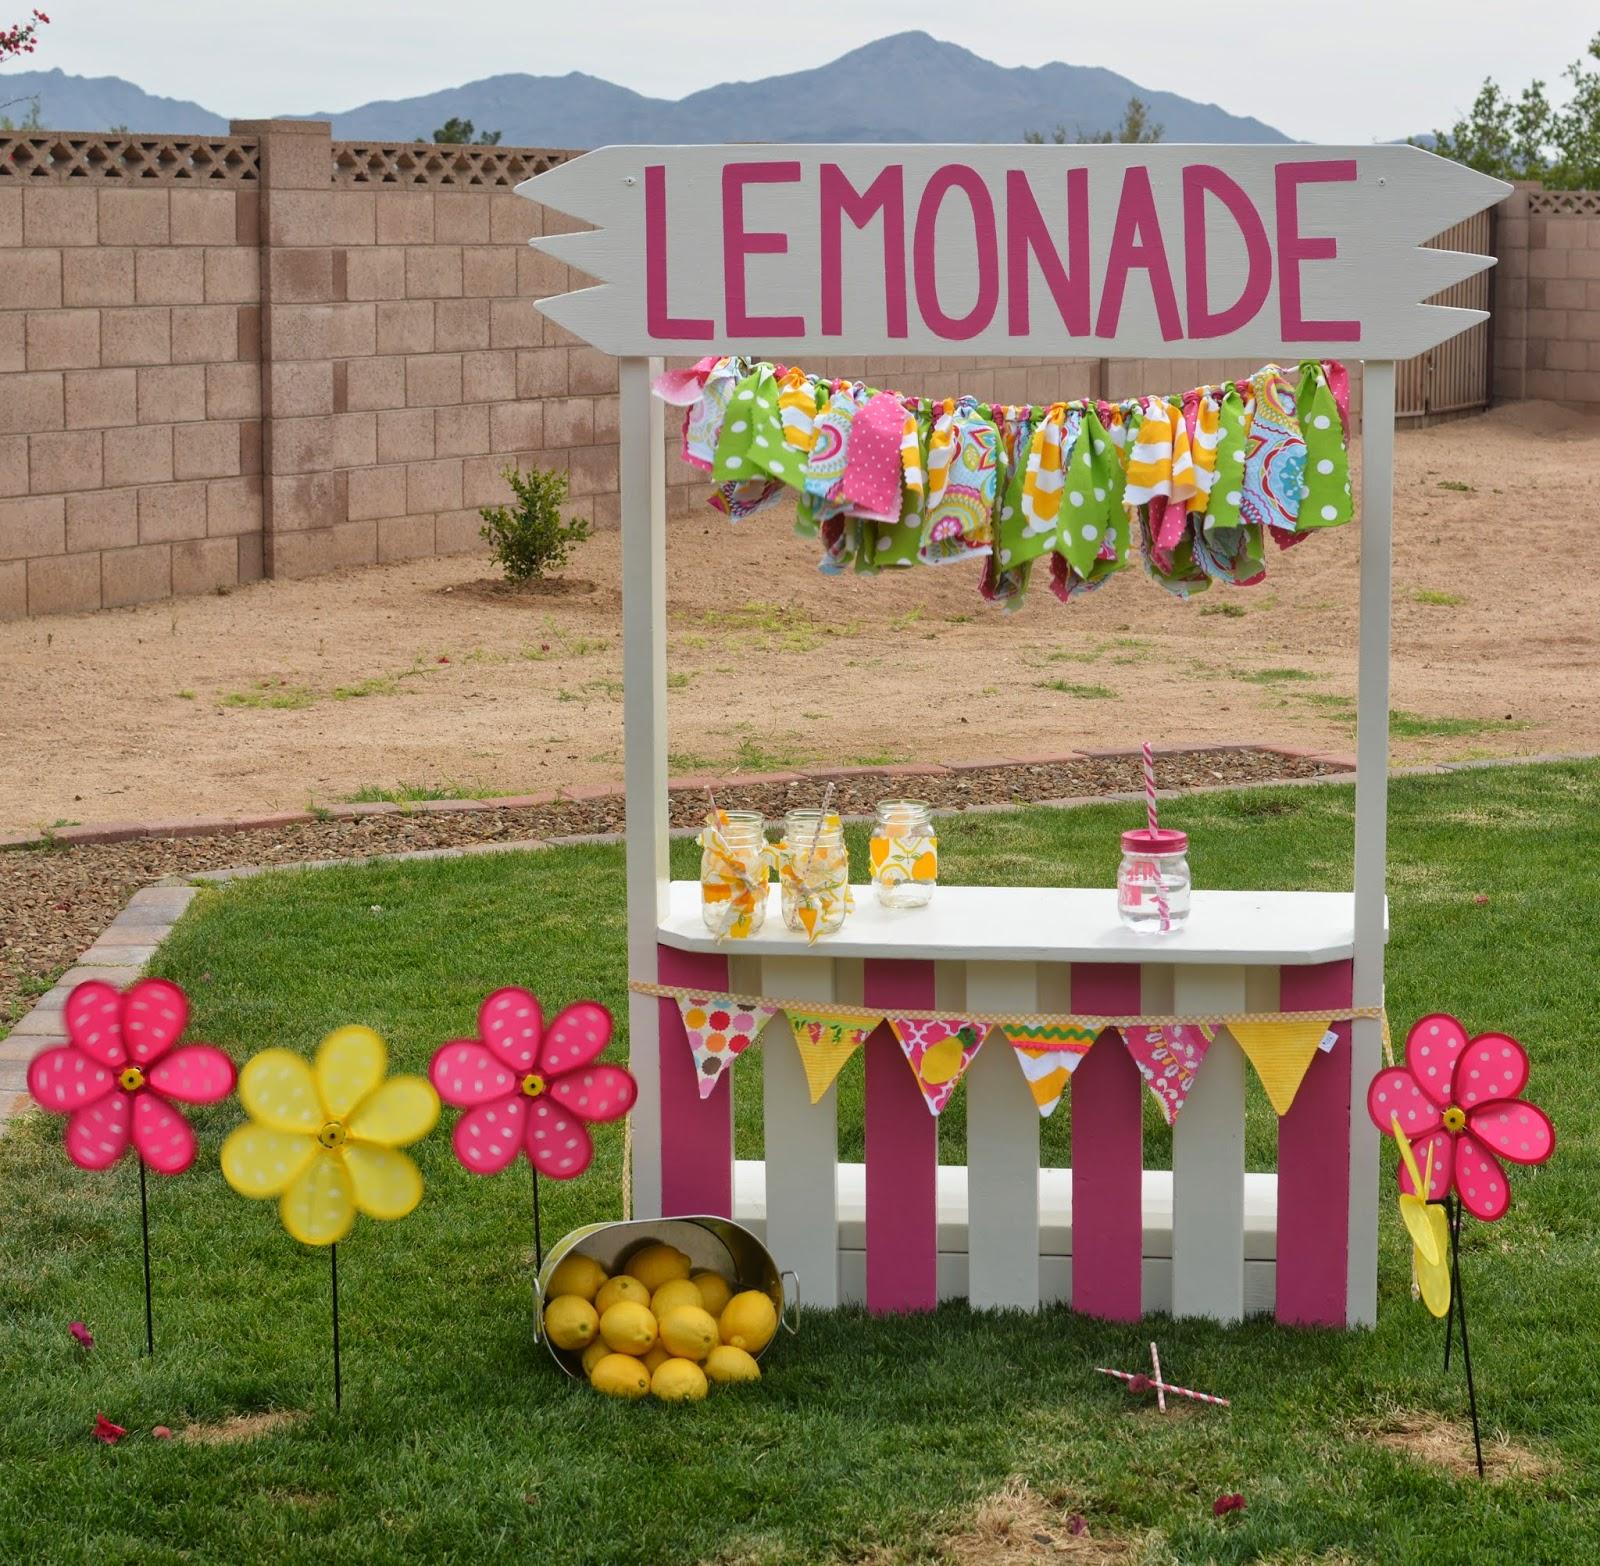 Lemonade Stand Designs : Pamela renee designs pink lemonade themed birthday party